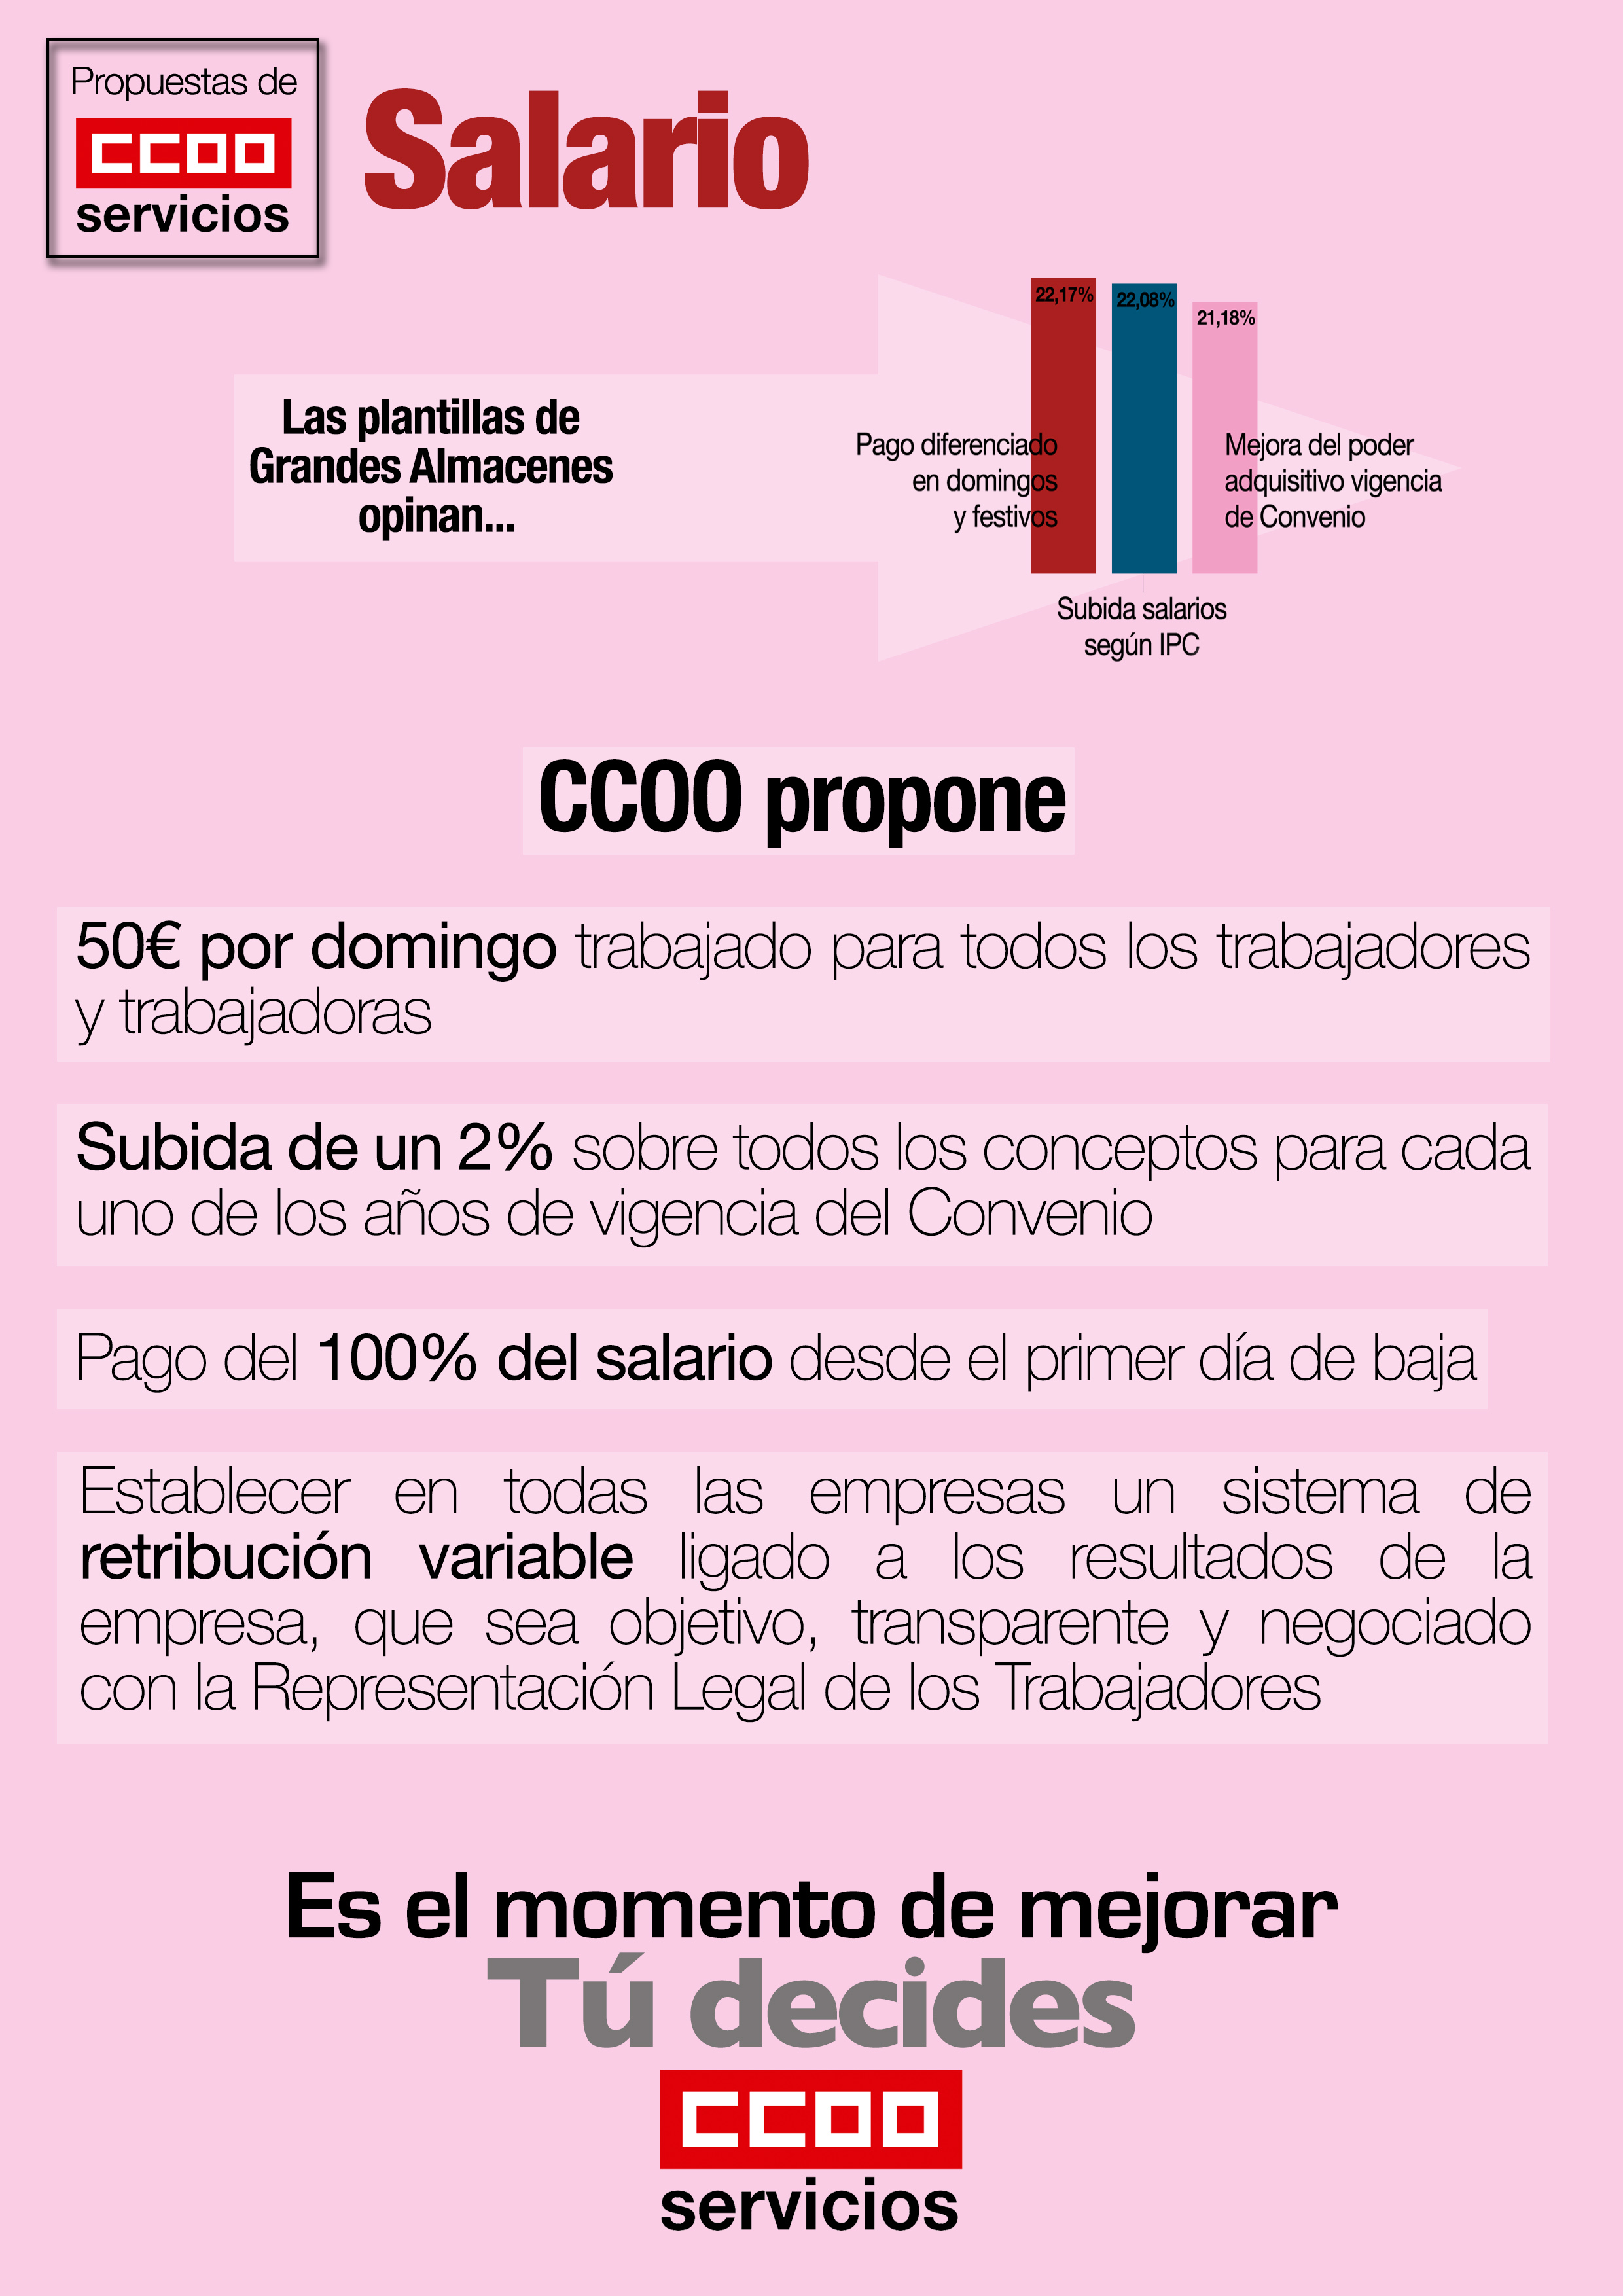 infografia La opinión de las plantillas 2